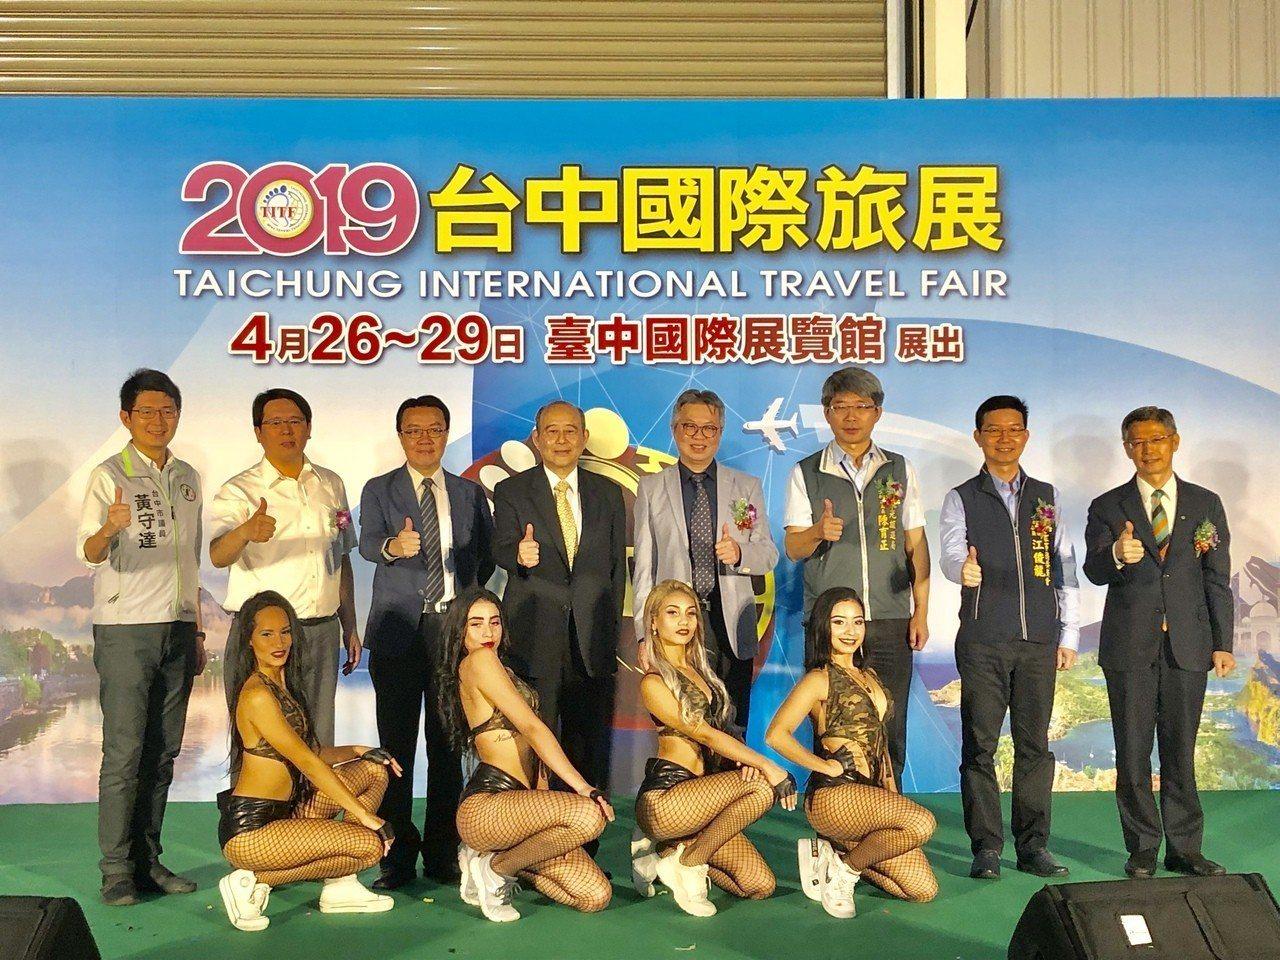 邁入第19屆的「2019台中國際旅展」盛大登場,今年展出規模再創新高,450家國...